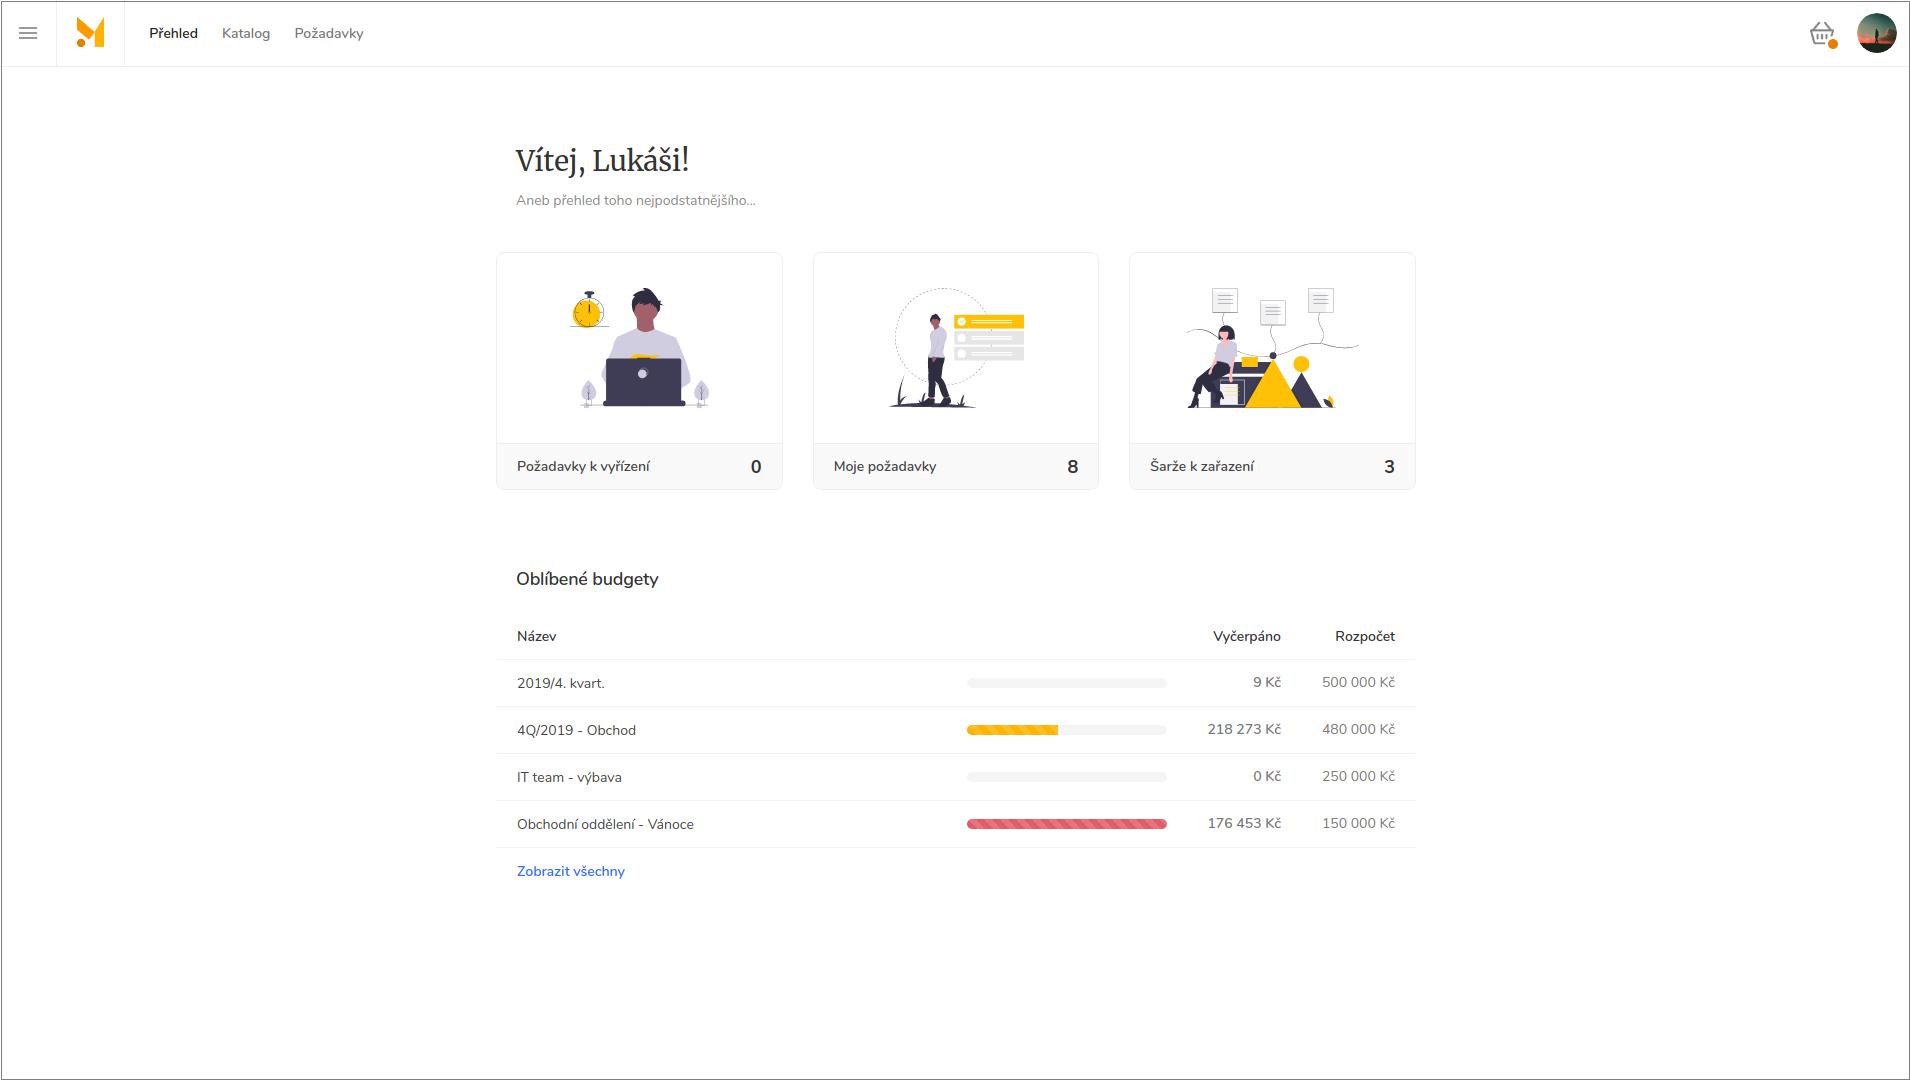 Úvodní dashboard ukazuje přehled nejdůležitějších informací – čerpání z nadefinovaných budgetů, požadavky k vyřízení, nové položky v katalogu, apod.